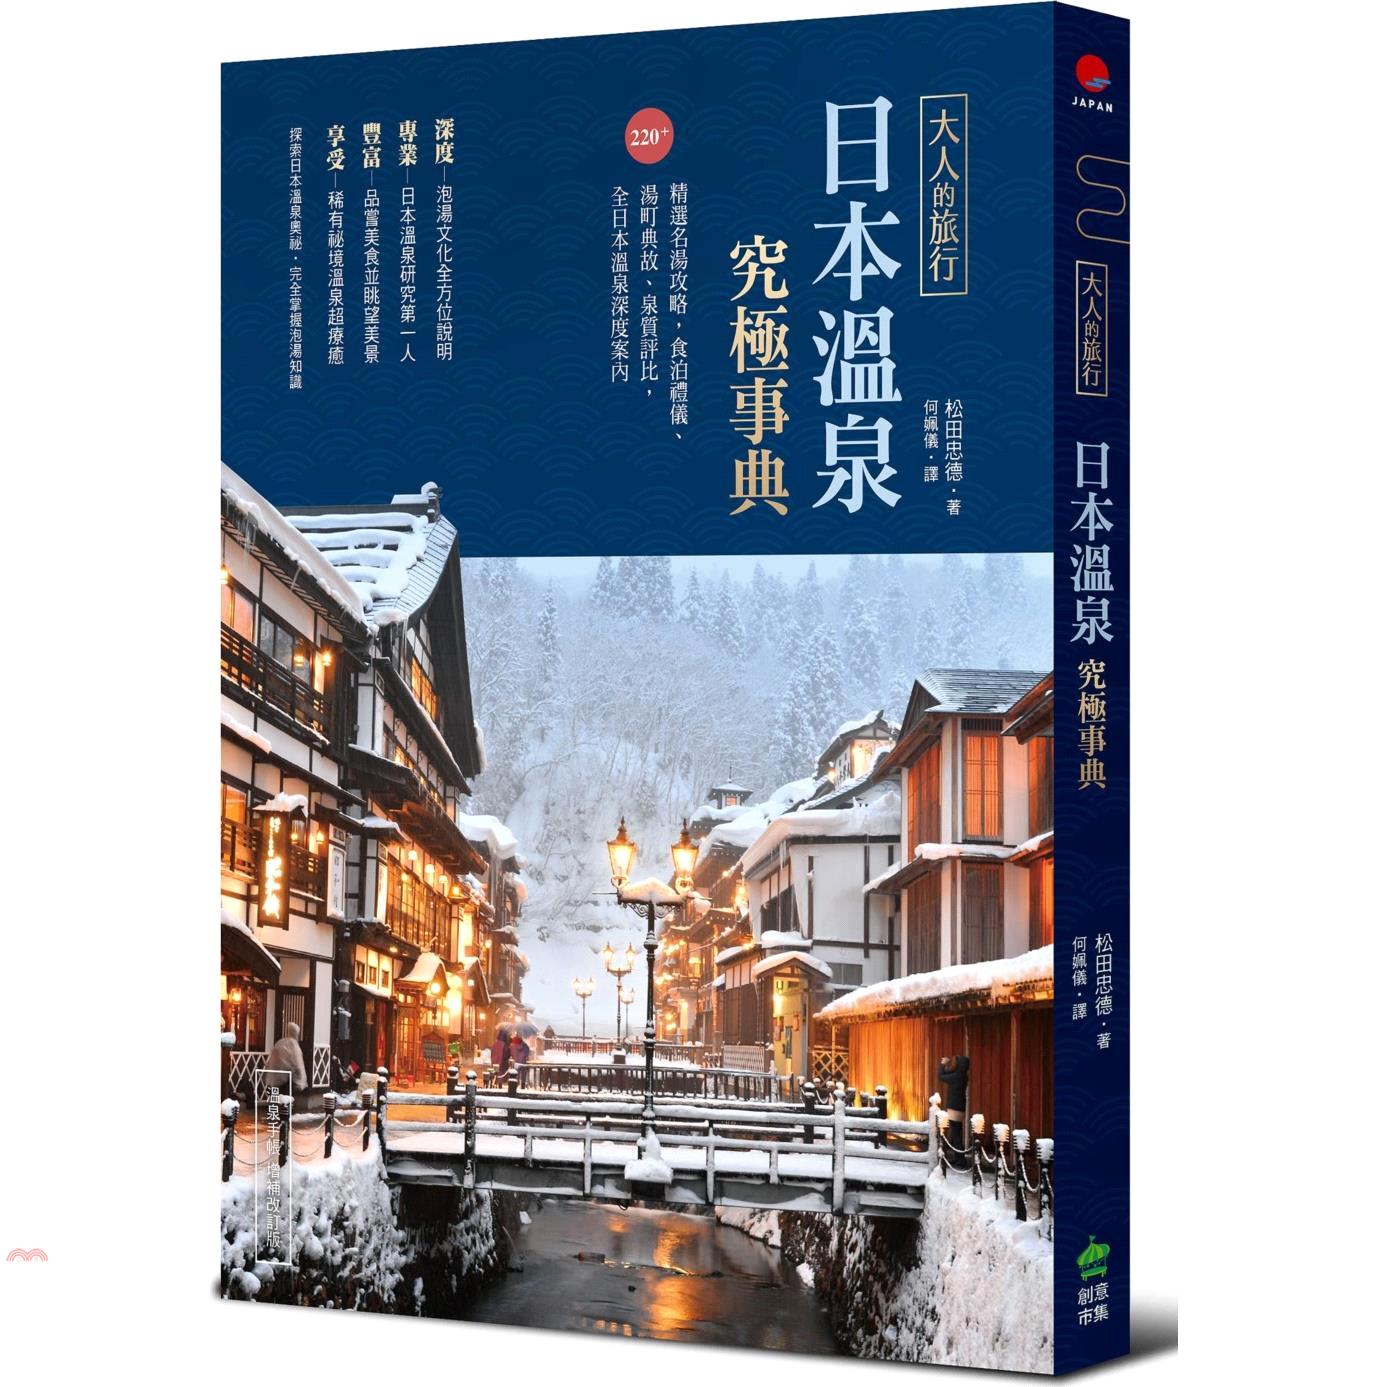 大人的旅行‧日本溫泉究極事典:220+精選名湯攻略,食泊禮儀、湯町典故、泉質評比,全日本溫泉深度案內[79折]